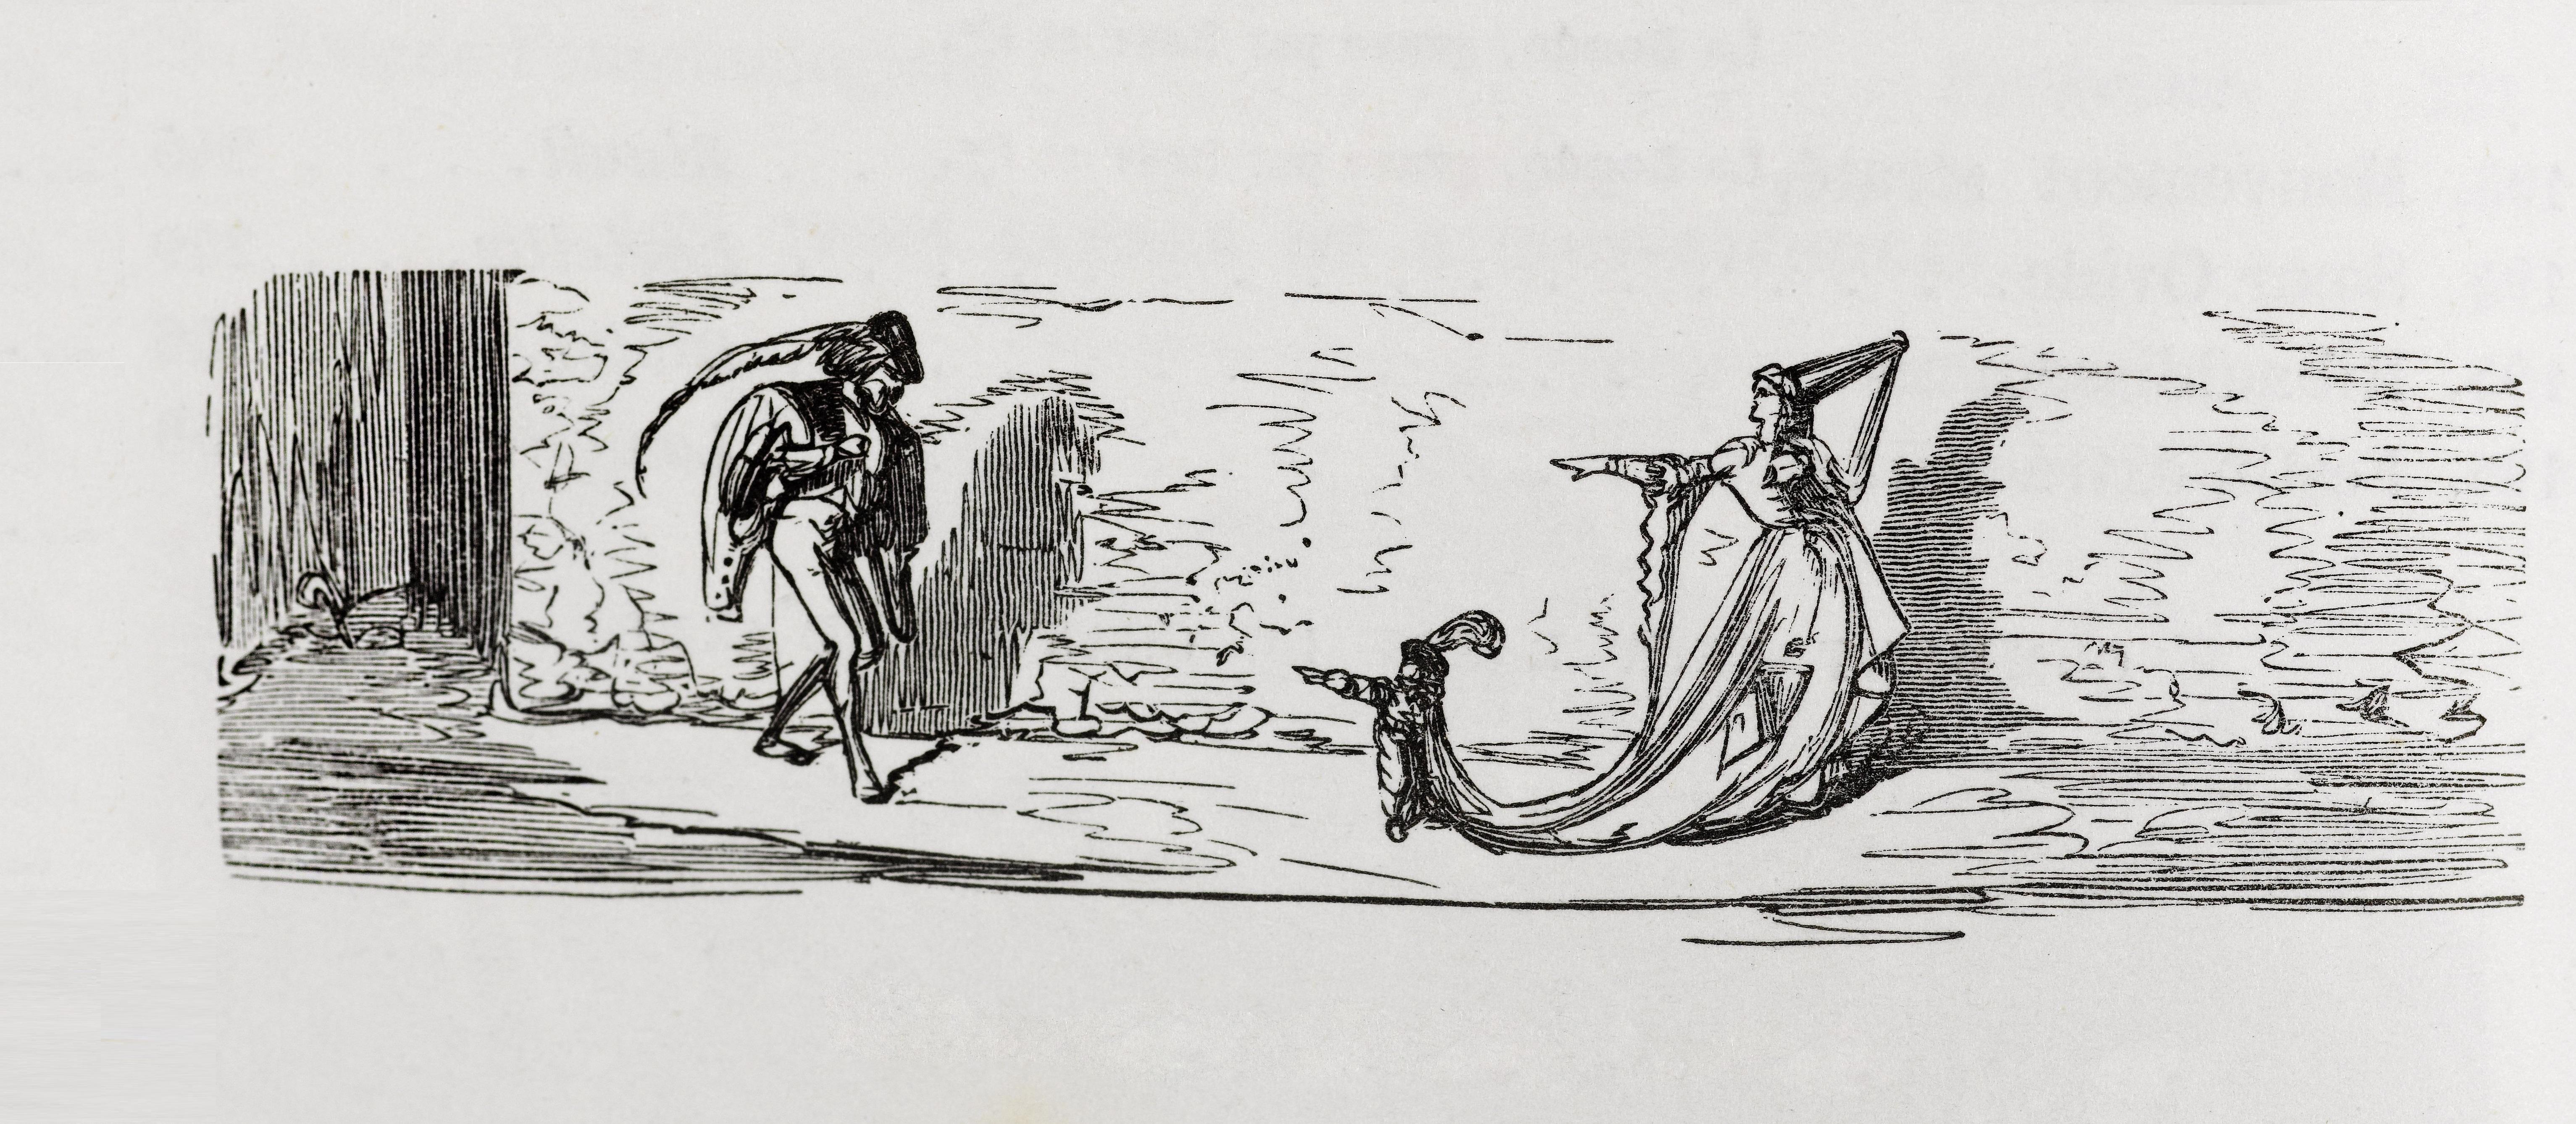 G. Doré, La Feme imprenable, illustration pour Les Contes drolatiques, Paris, 1855